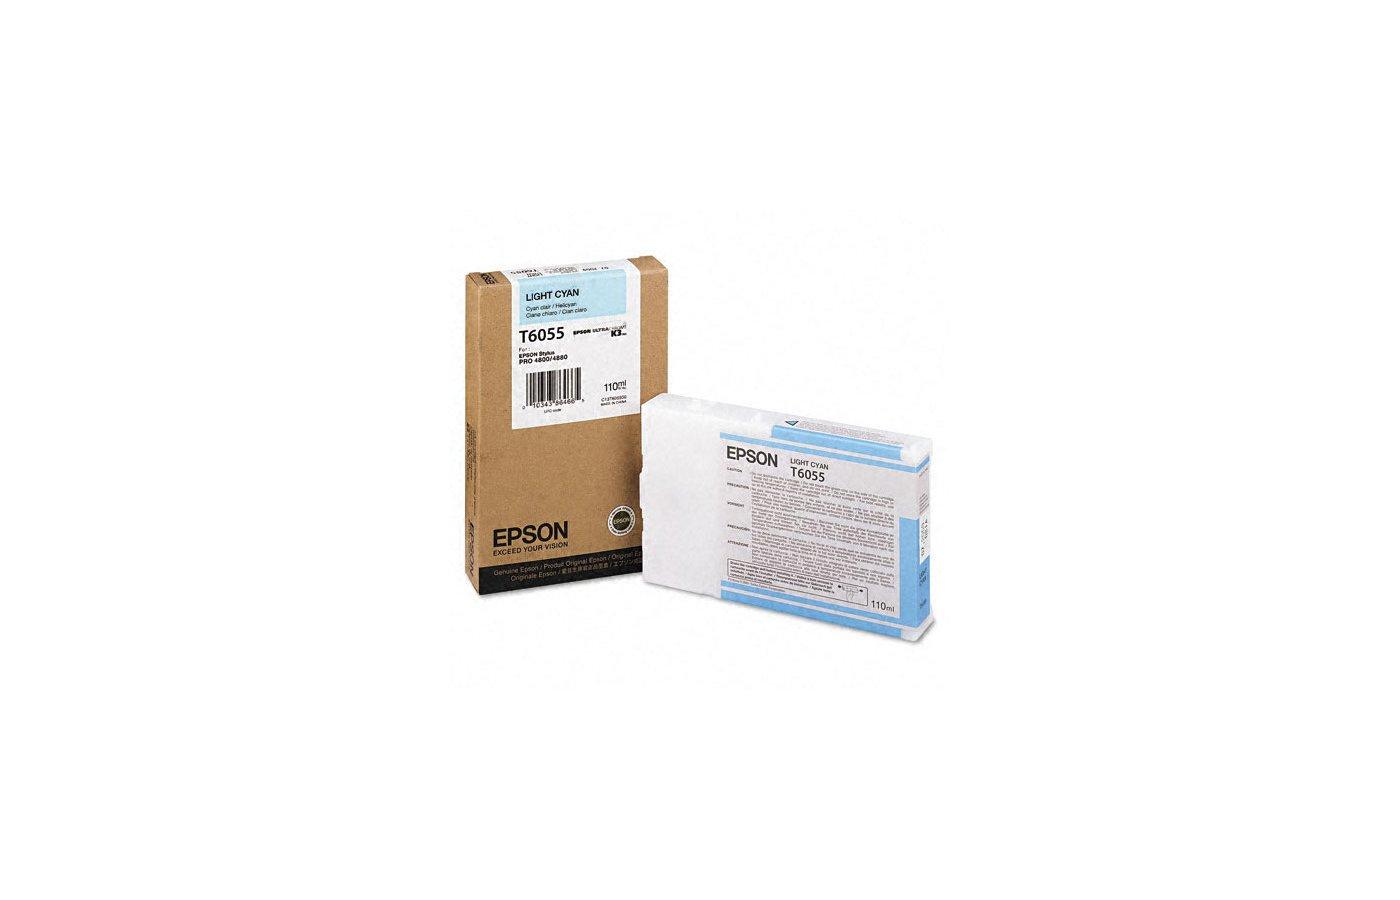 Картридж струйный Epson C13T605500 картридж (Light Cyan для Stylus Pro 4800/4880 (110ml) (светло-голубой))